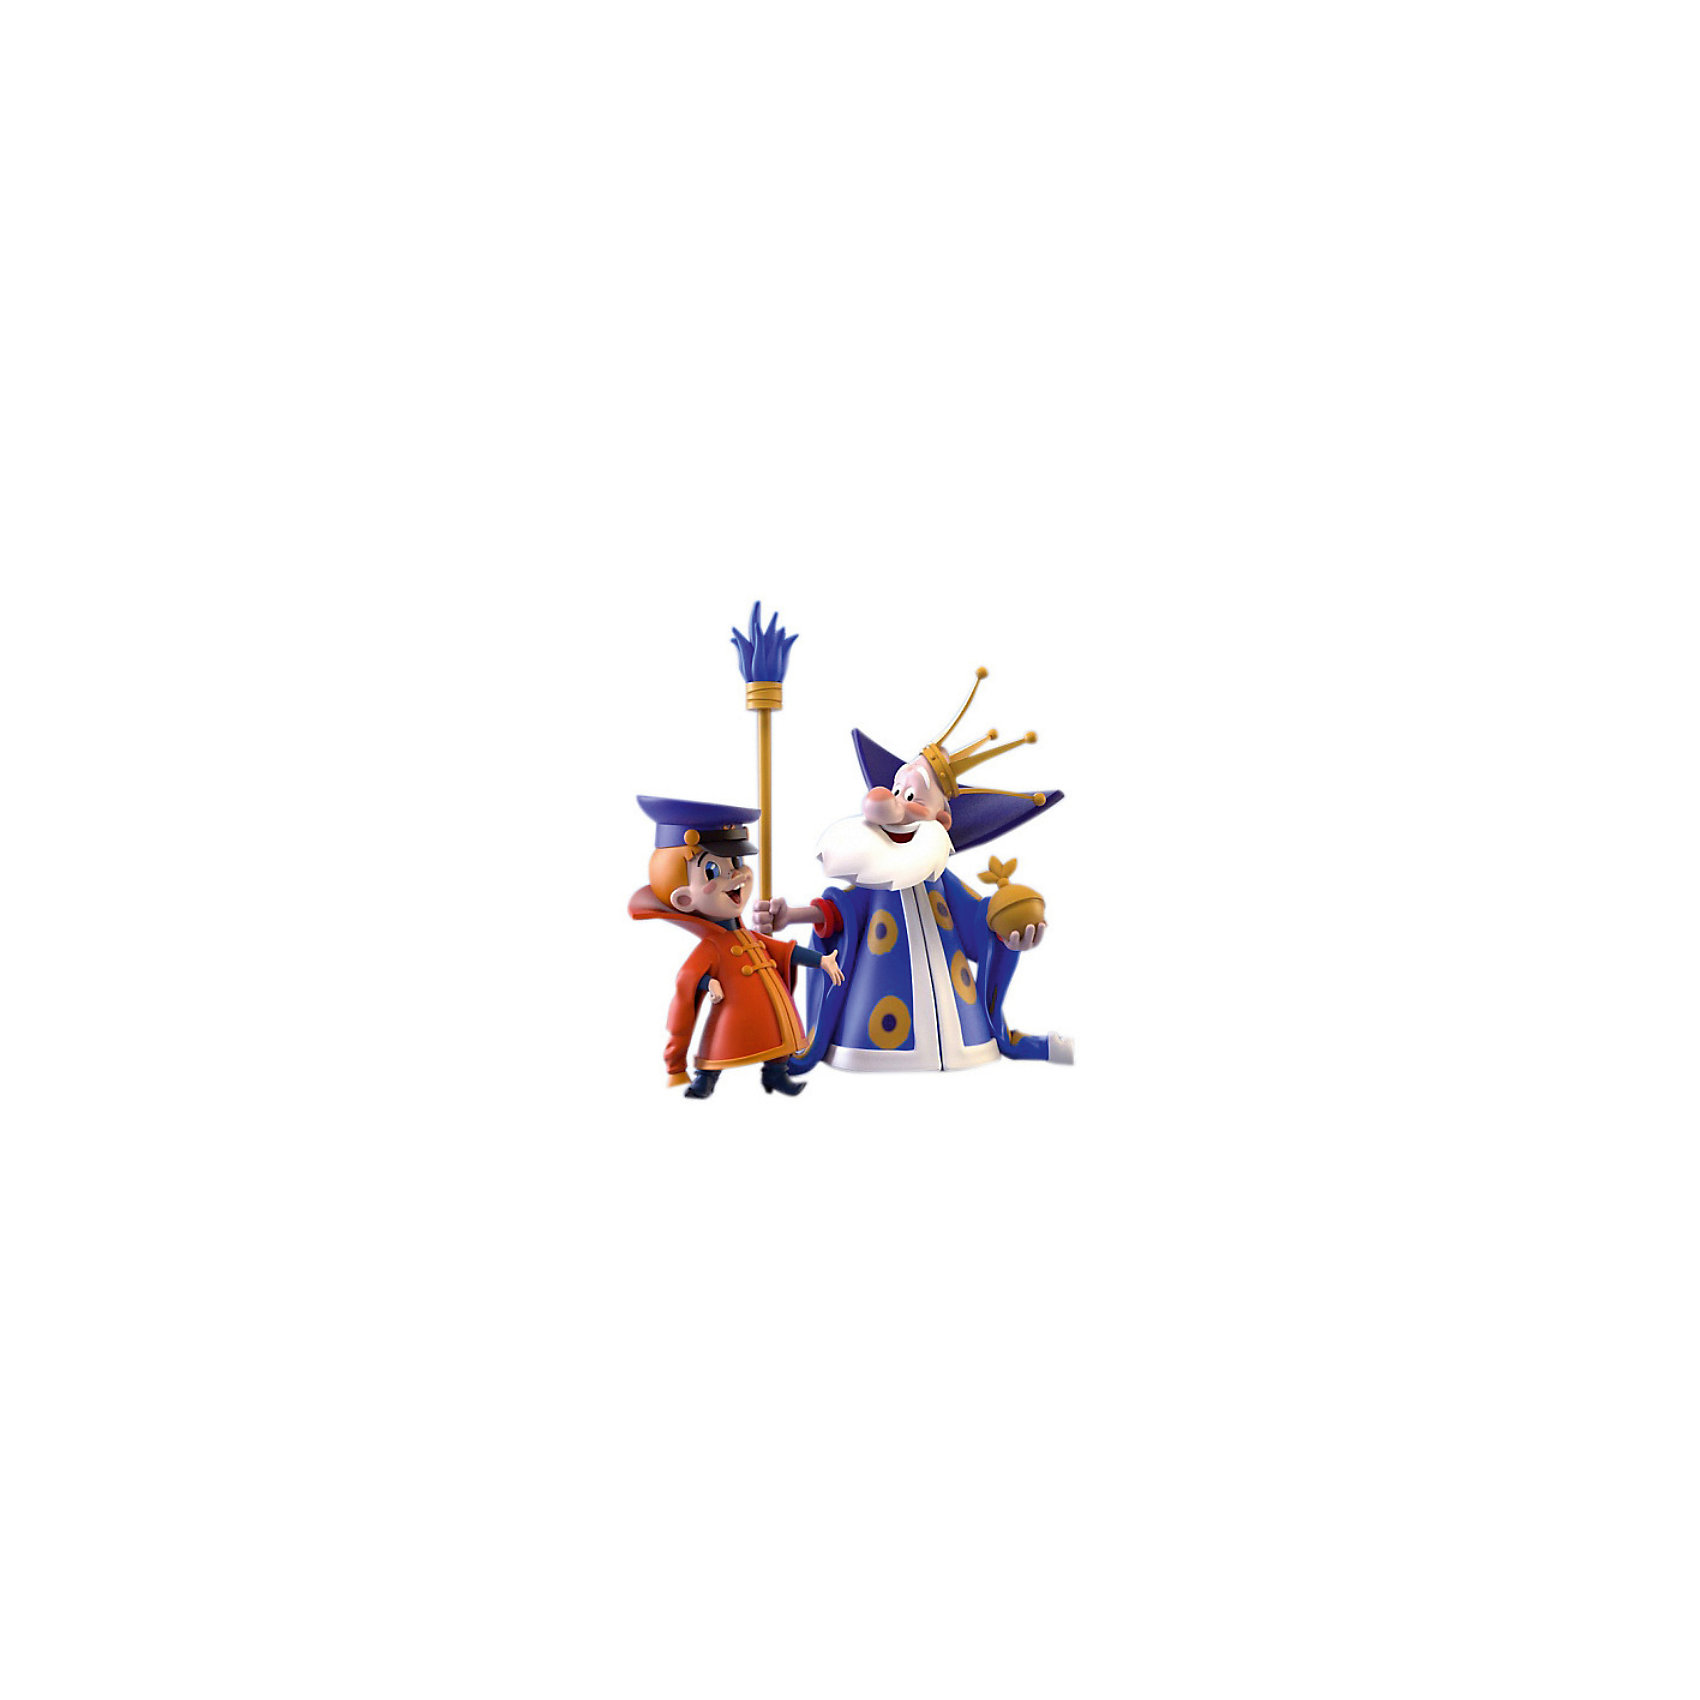 Prostotoys Набор фигурок Вовка и царь (м/ф Вовка в тридевятом царстве), Prostotoys prostotoys предметы интерьера